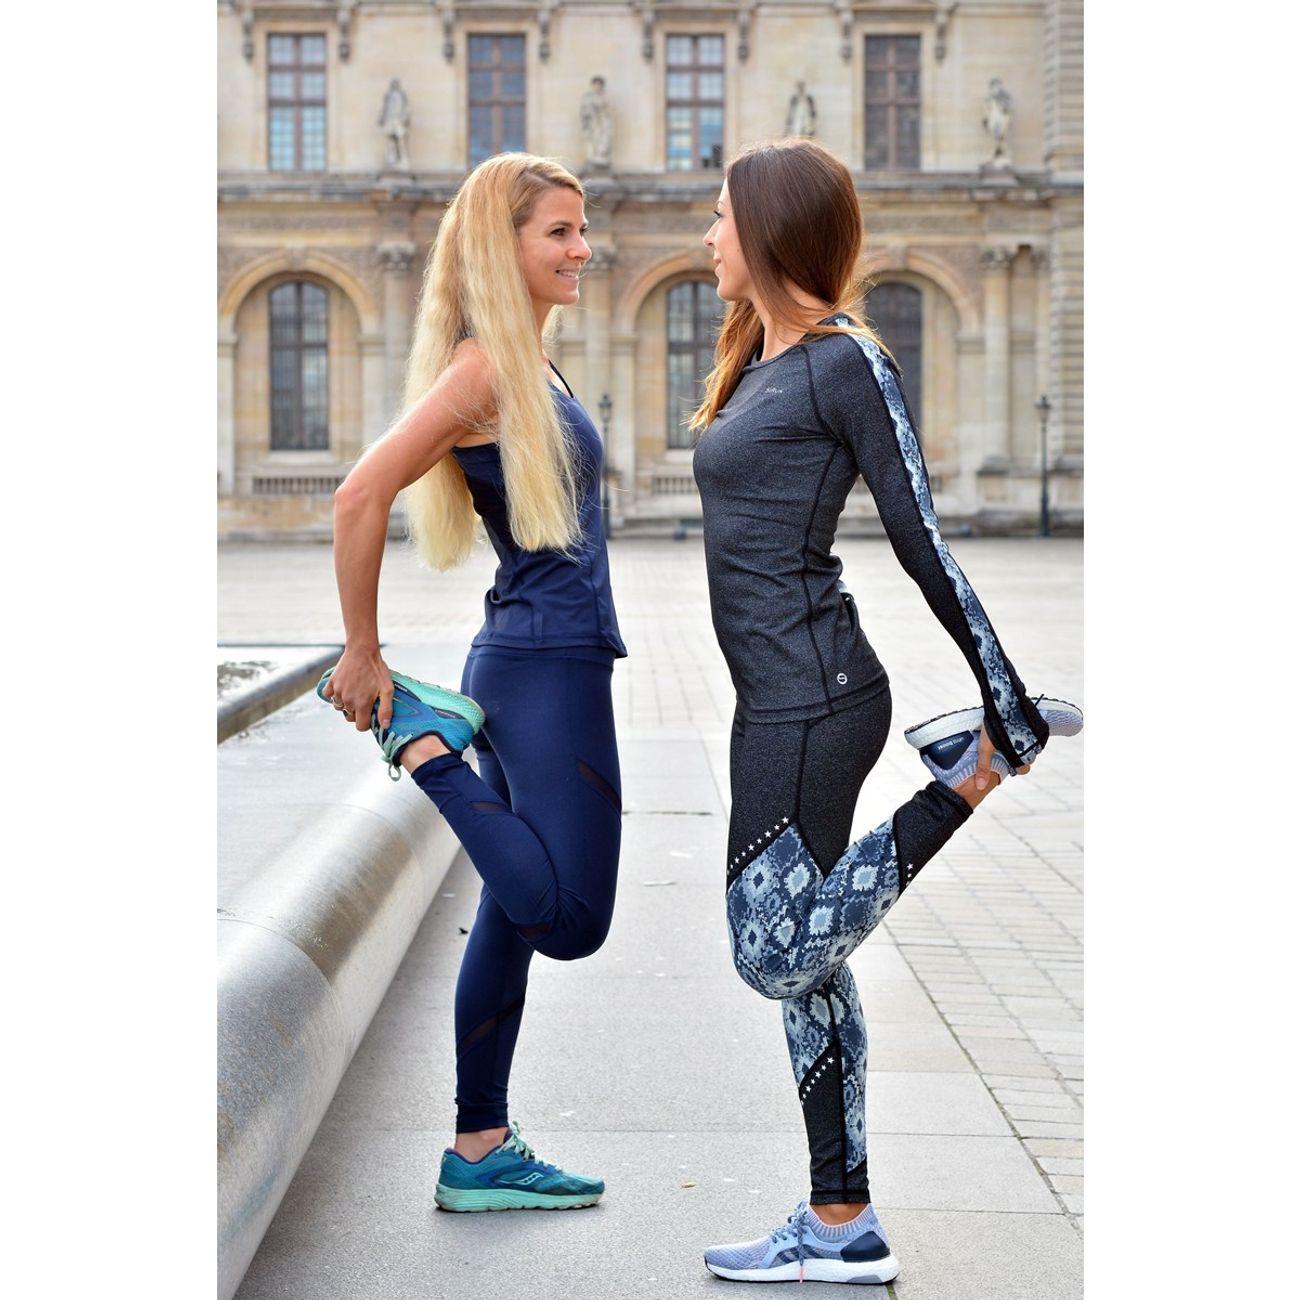 Fitness femme SIRUN Legging femme sport Camille